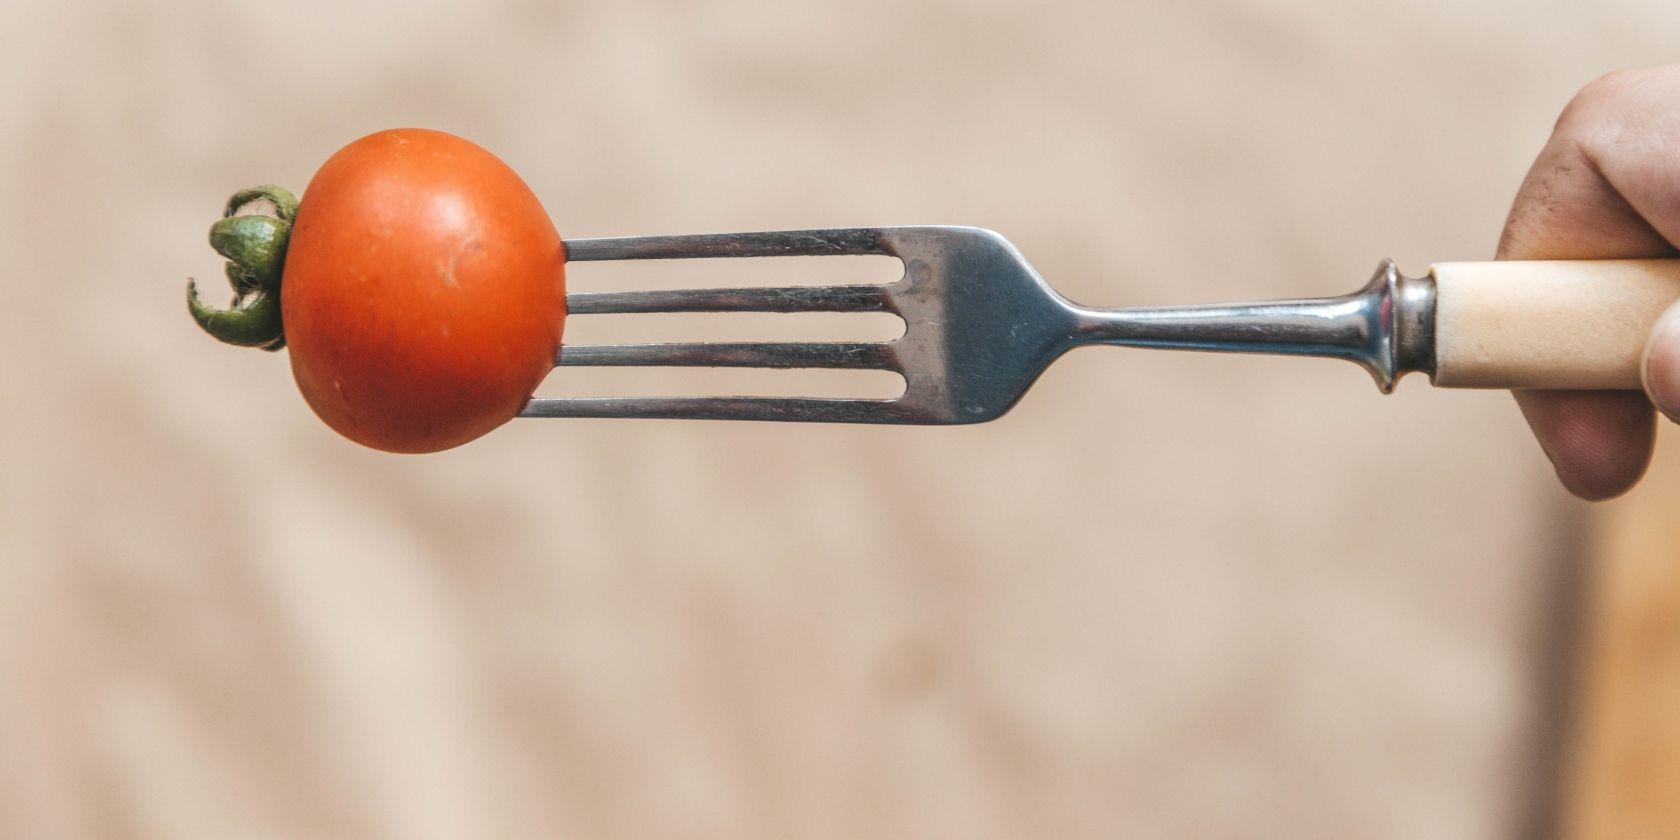 pomodorini su una forchetta